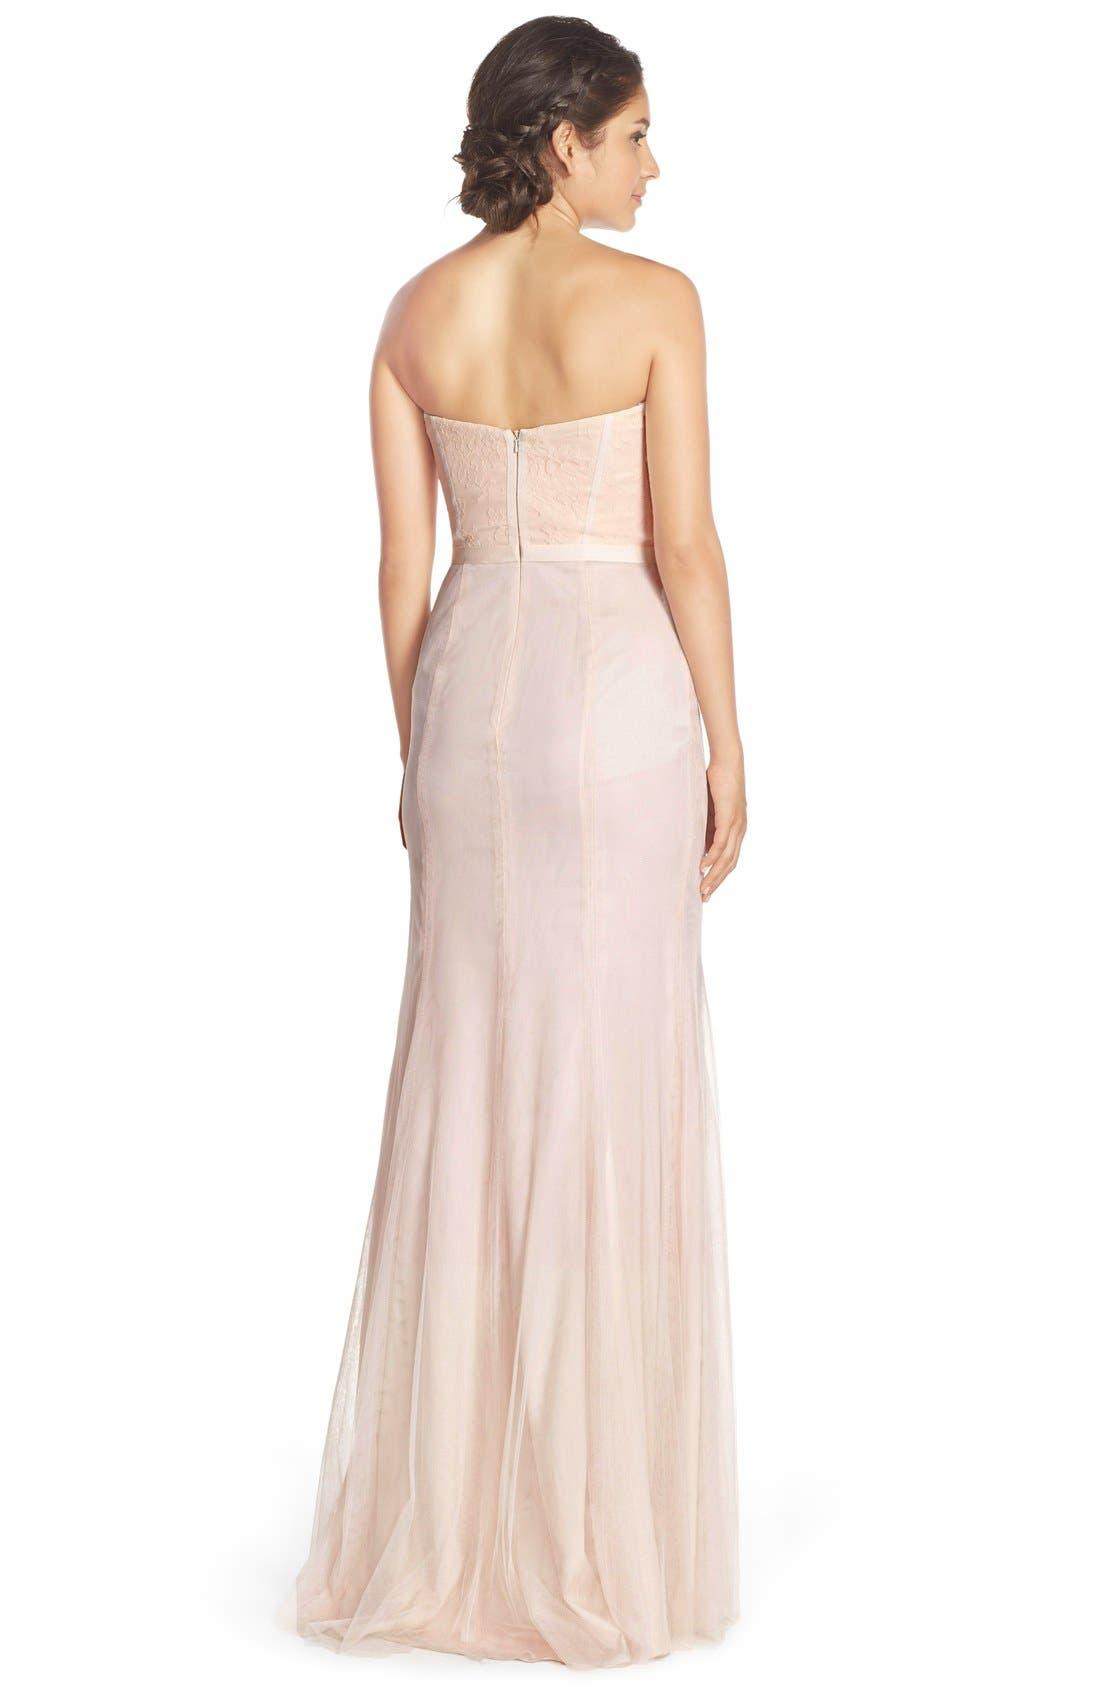 MONIQUE LHUILLIER BRIDESMAIDS,                             Strapless Lace & Tulle Gown,                             Alternate thumbnail 2, color,                             697